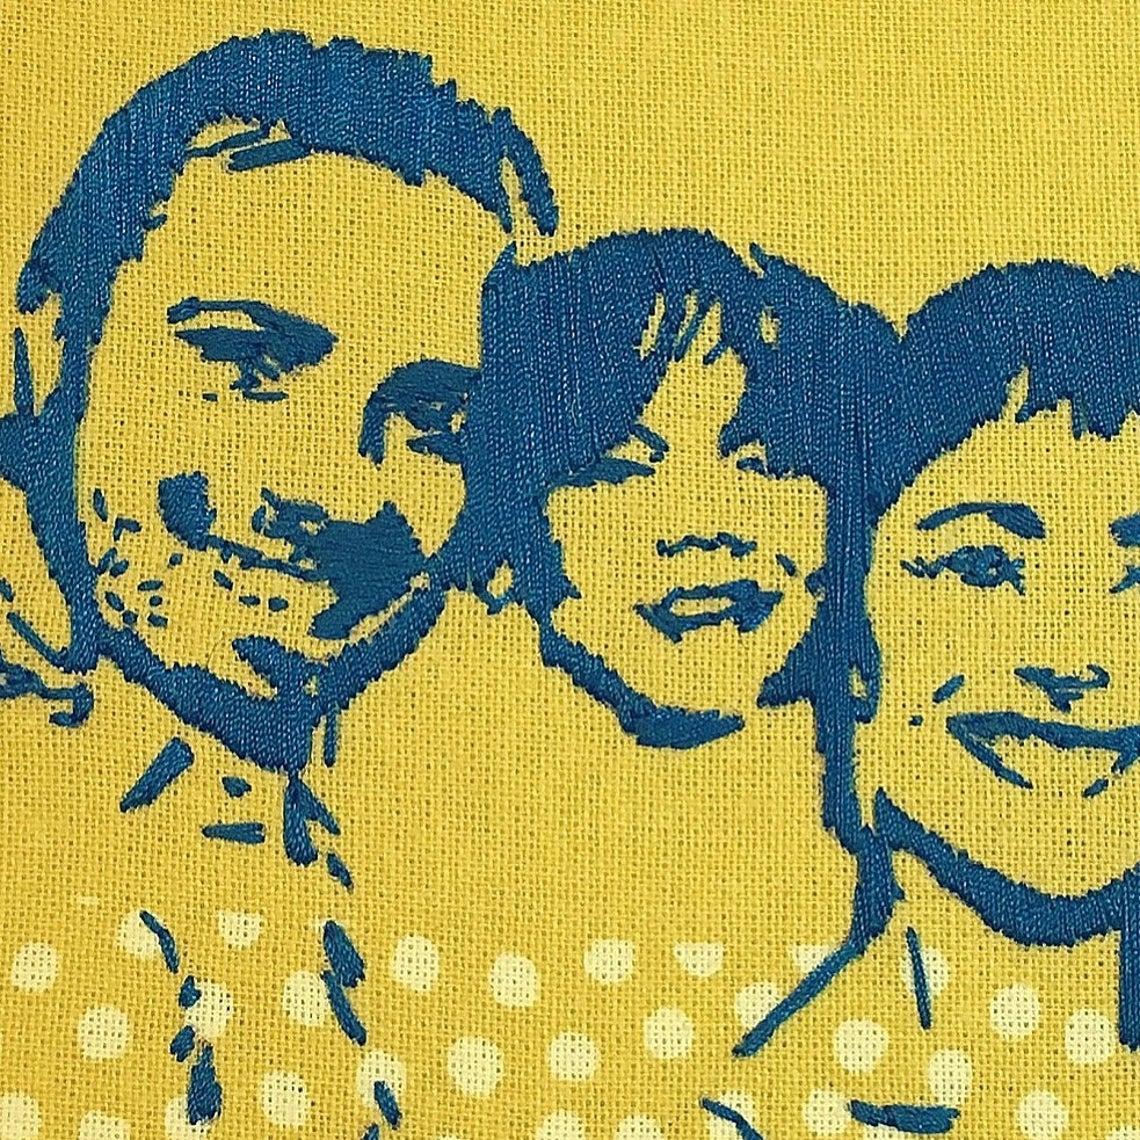 Familienportrait in detail